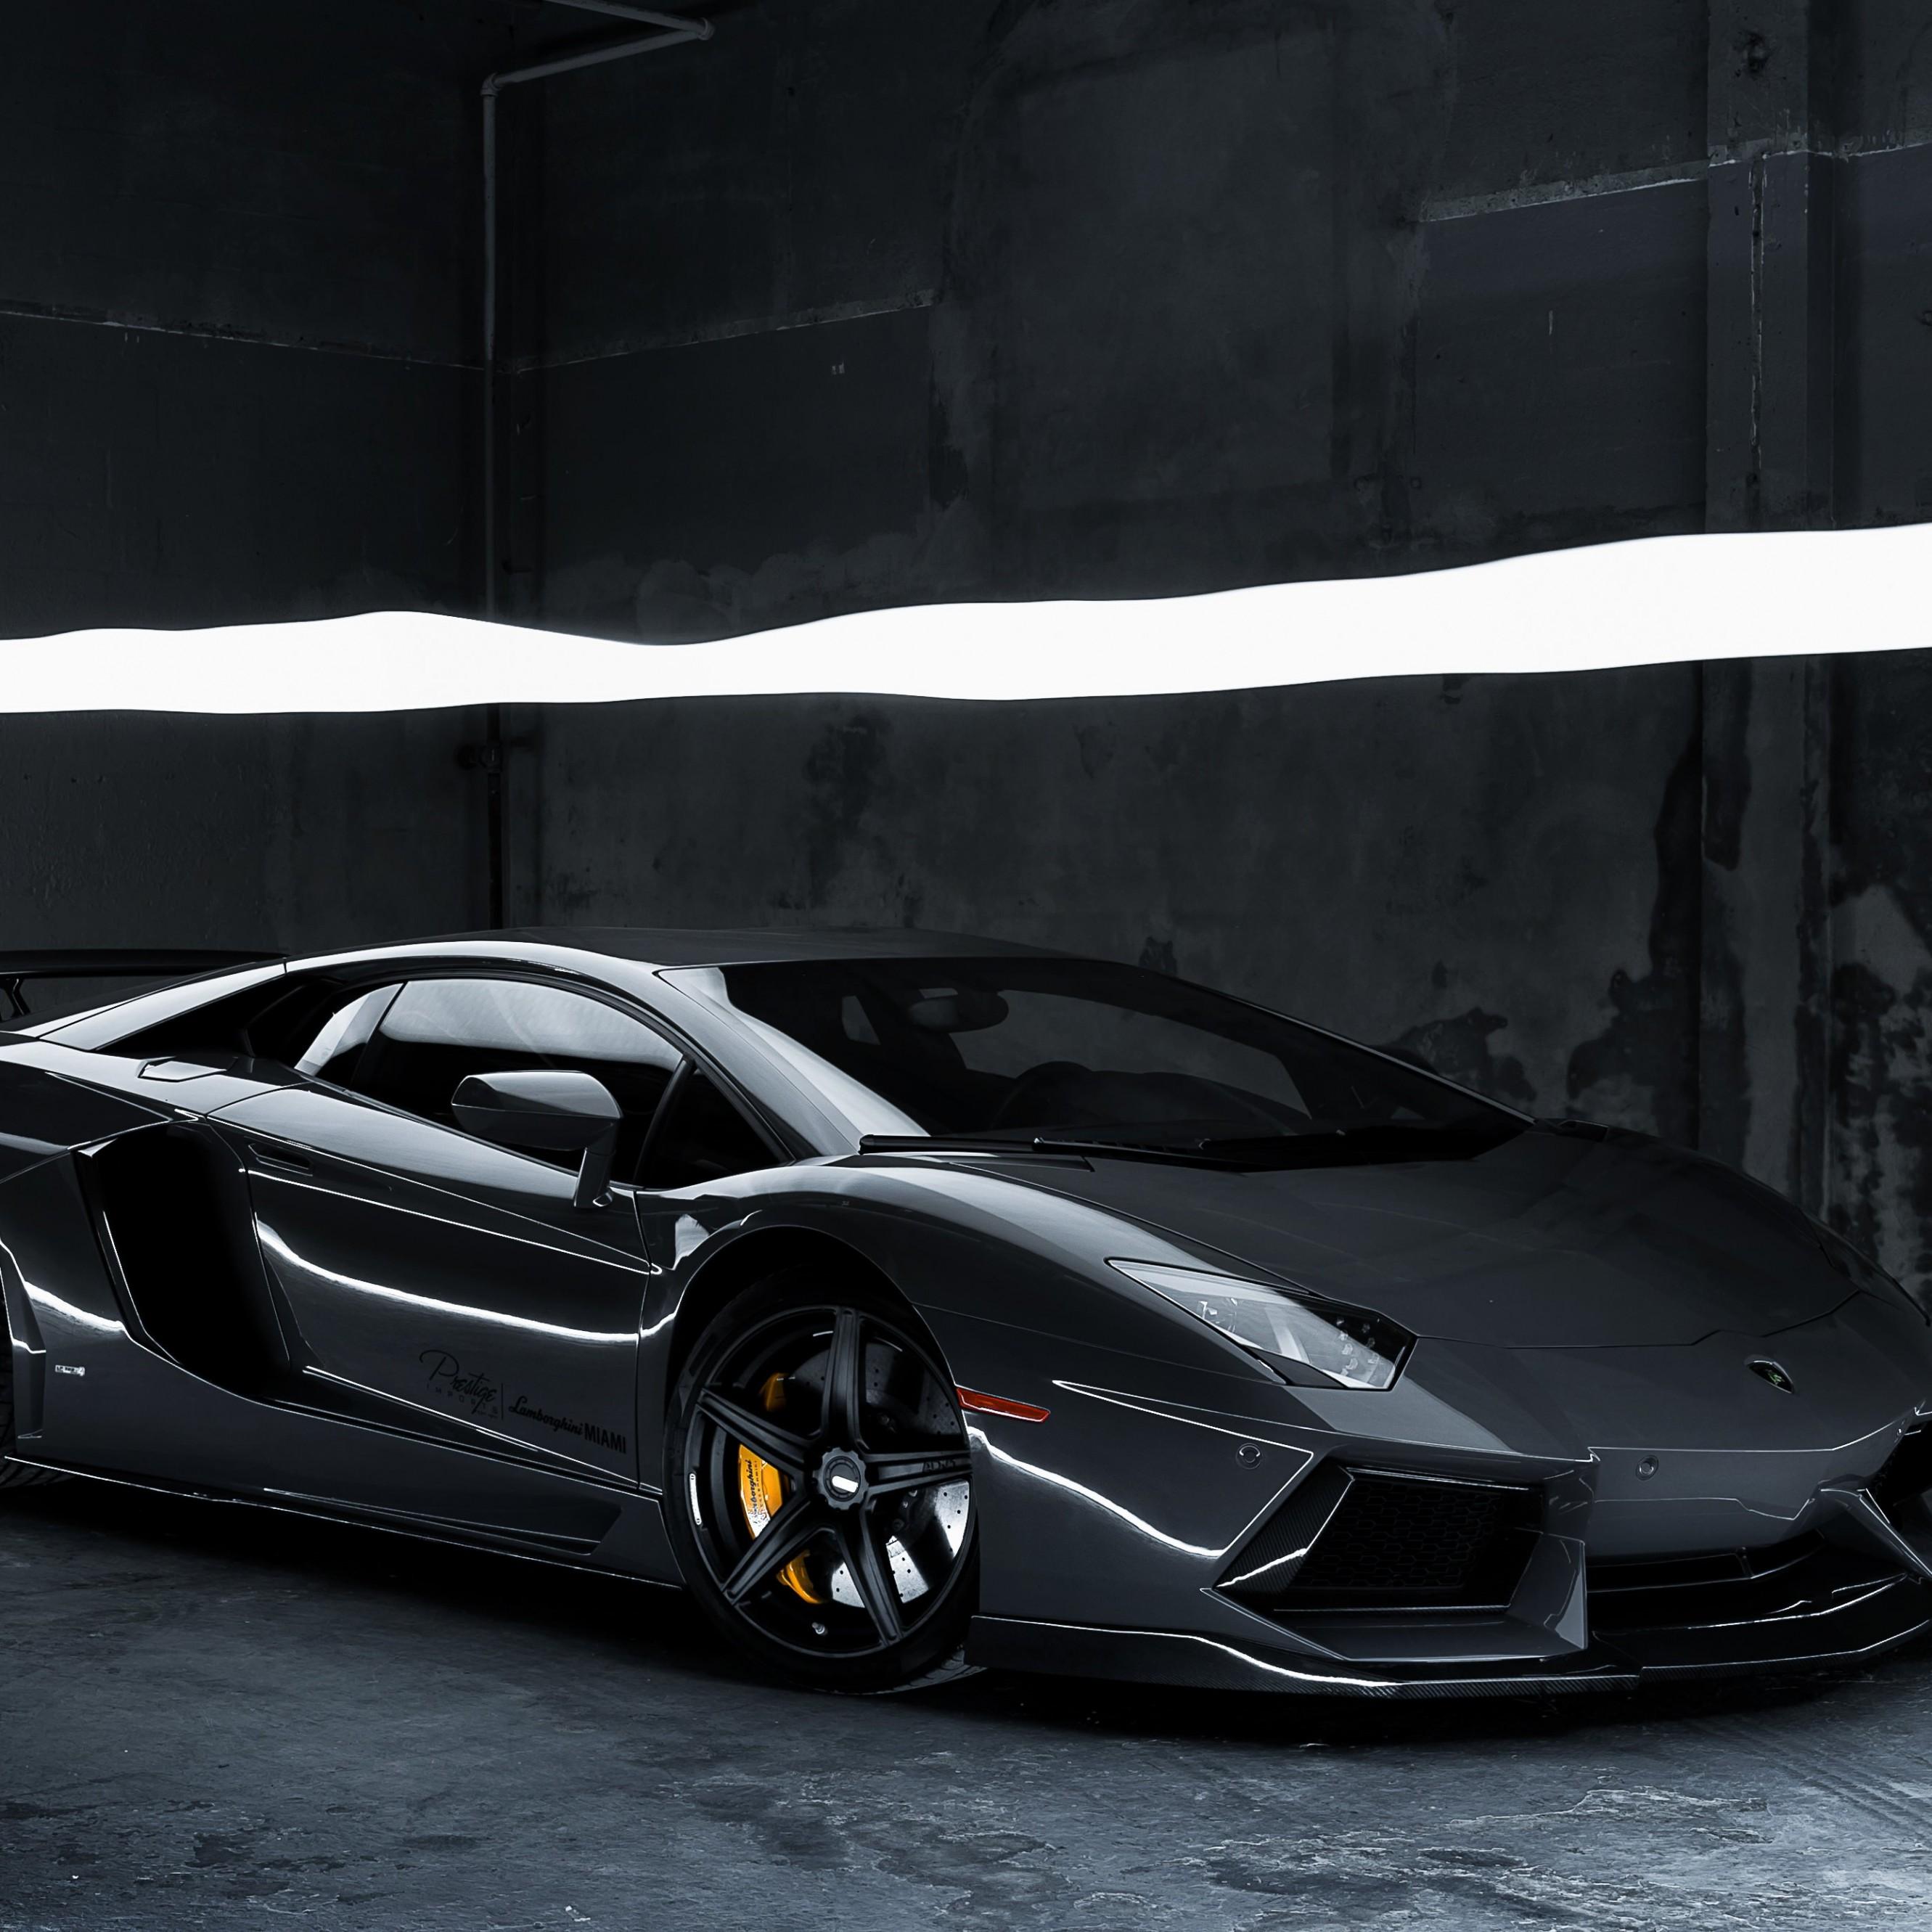 Lamborghini Aventador LP722 by Prestige Imports Wallpaper for Apple ...